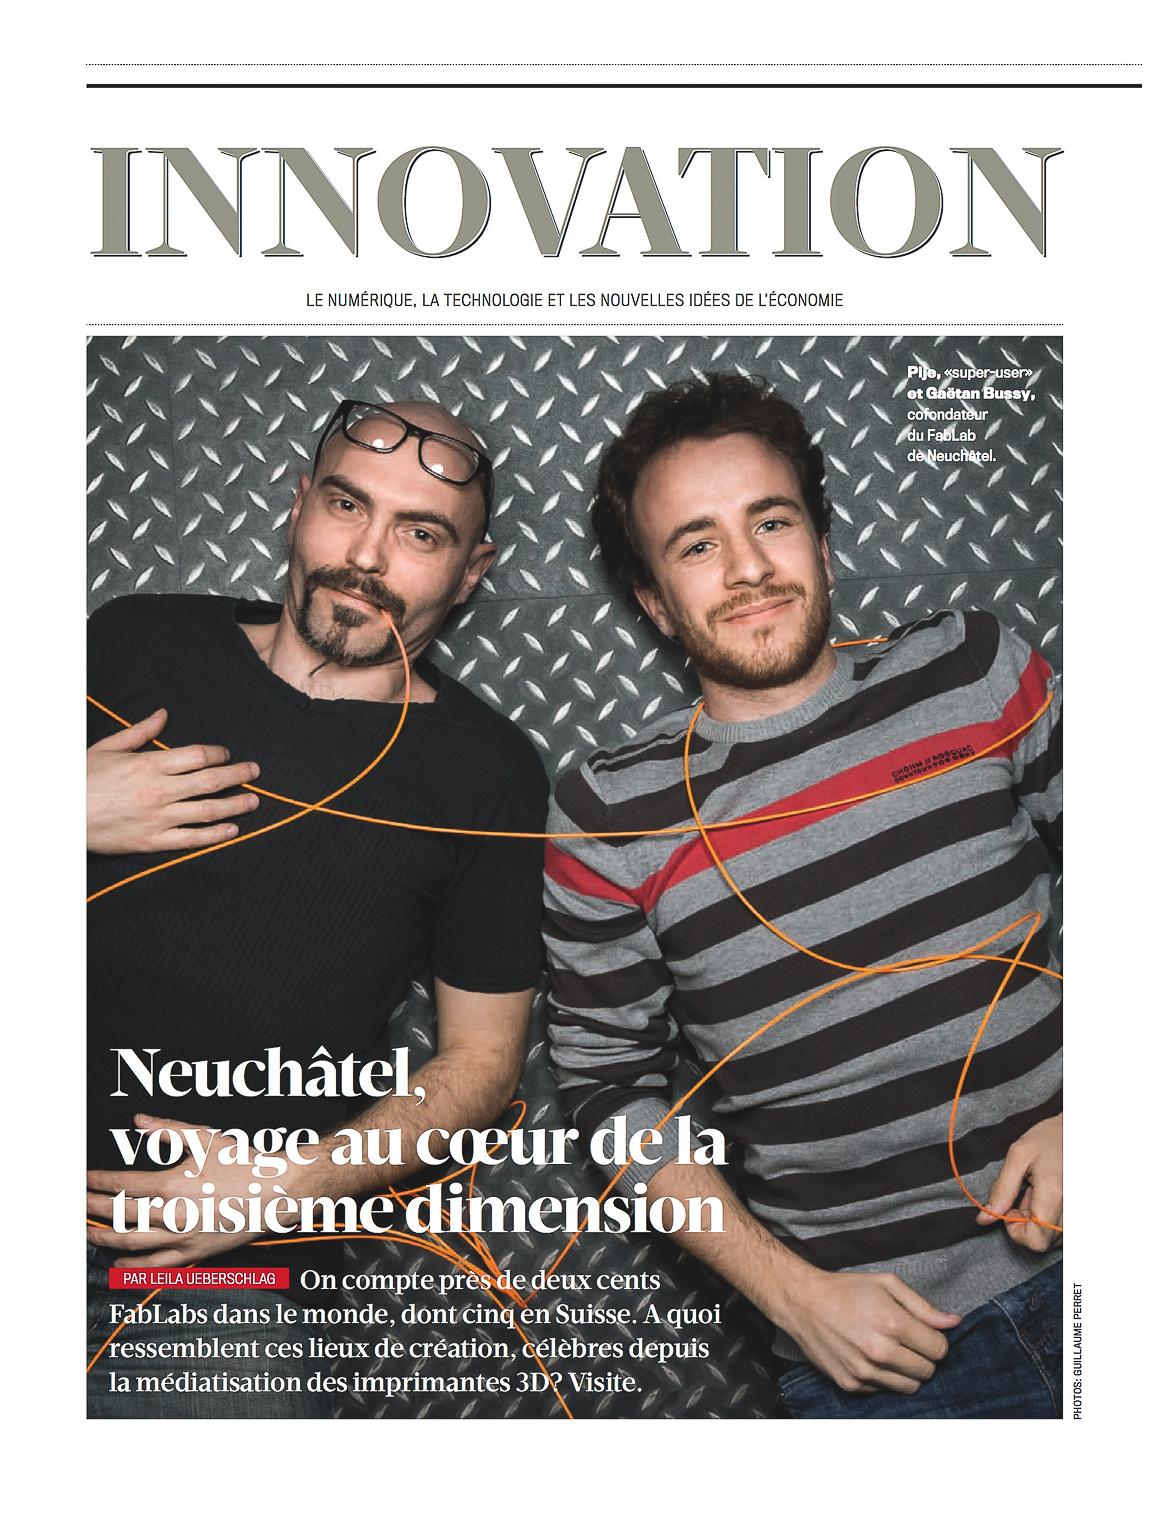 Bilan Magazine // Fablab